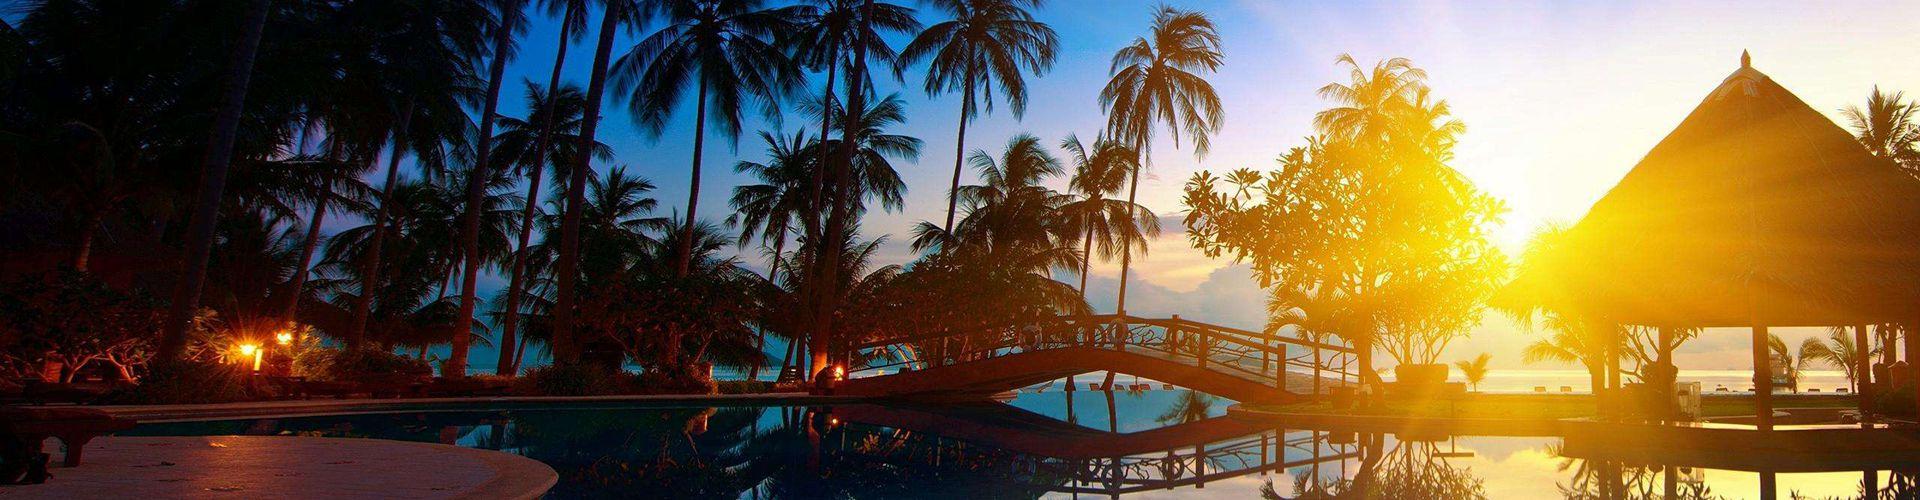 泰国移民_泰国买房移民政策_办理条件